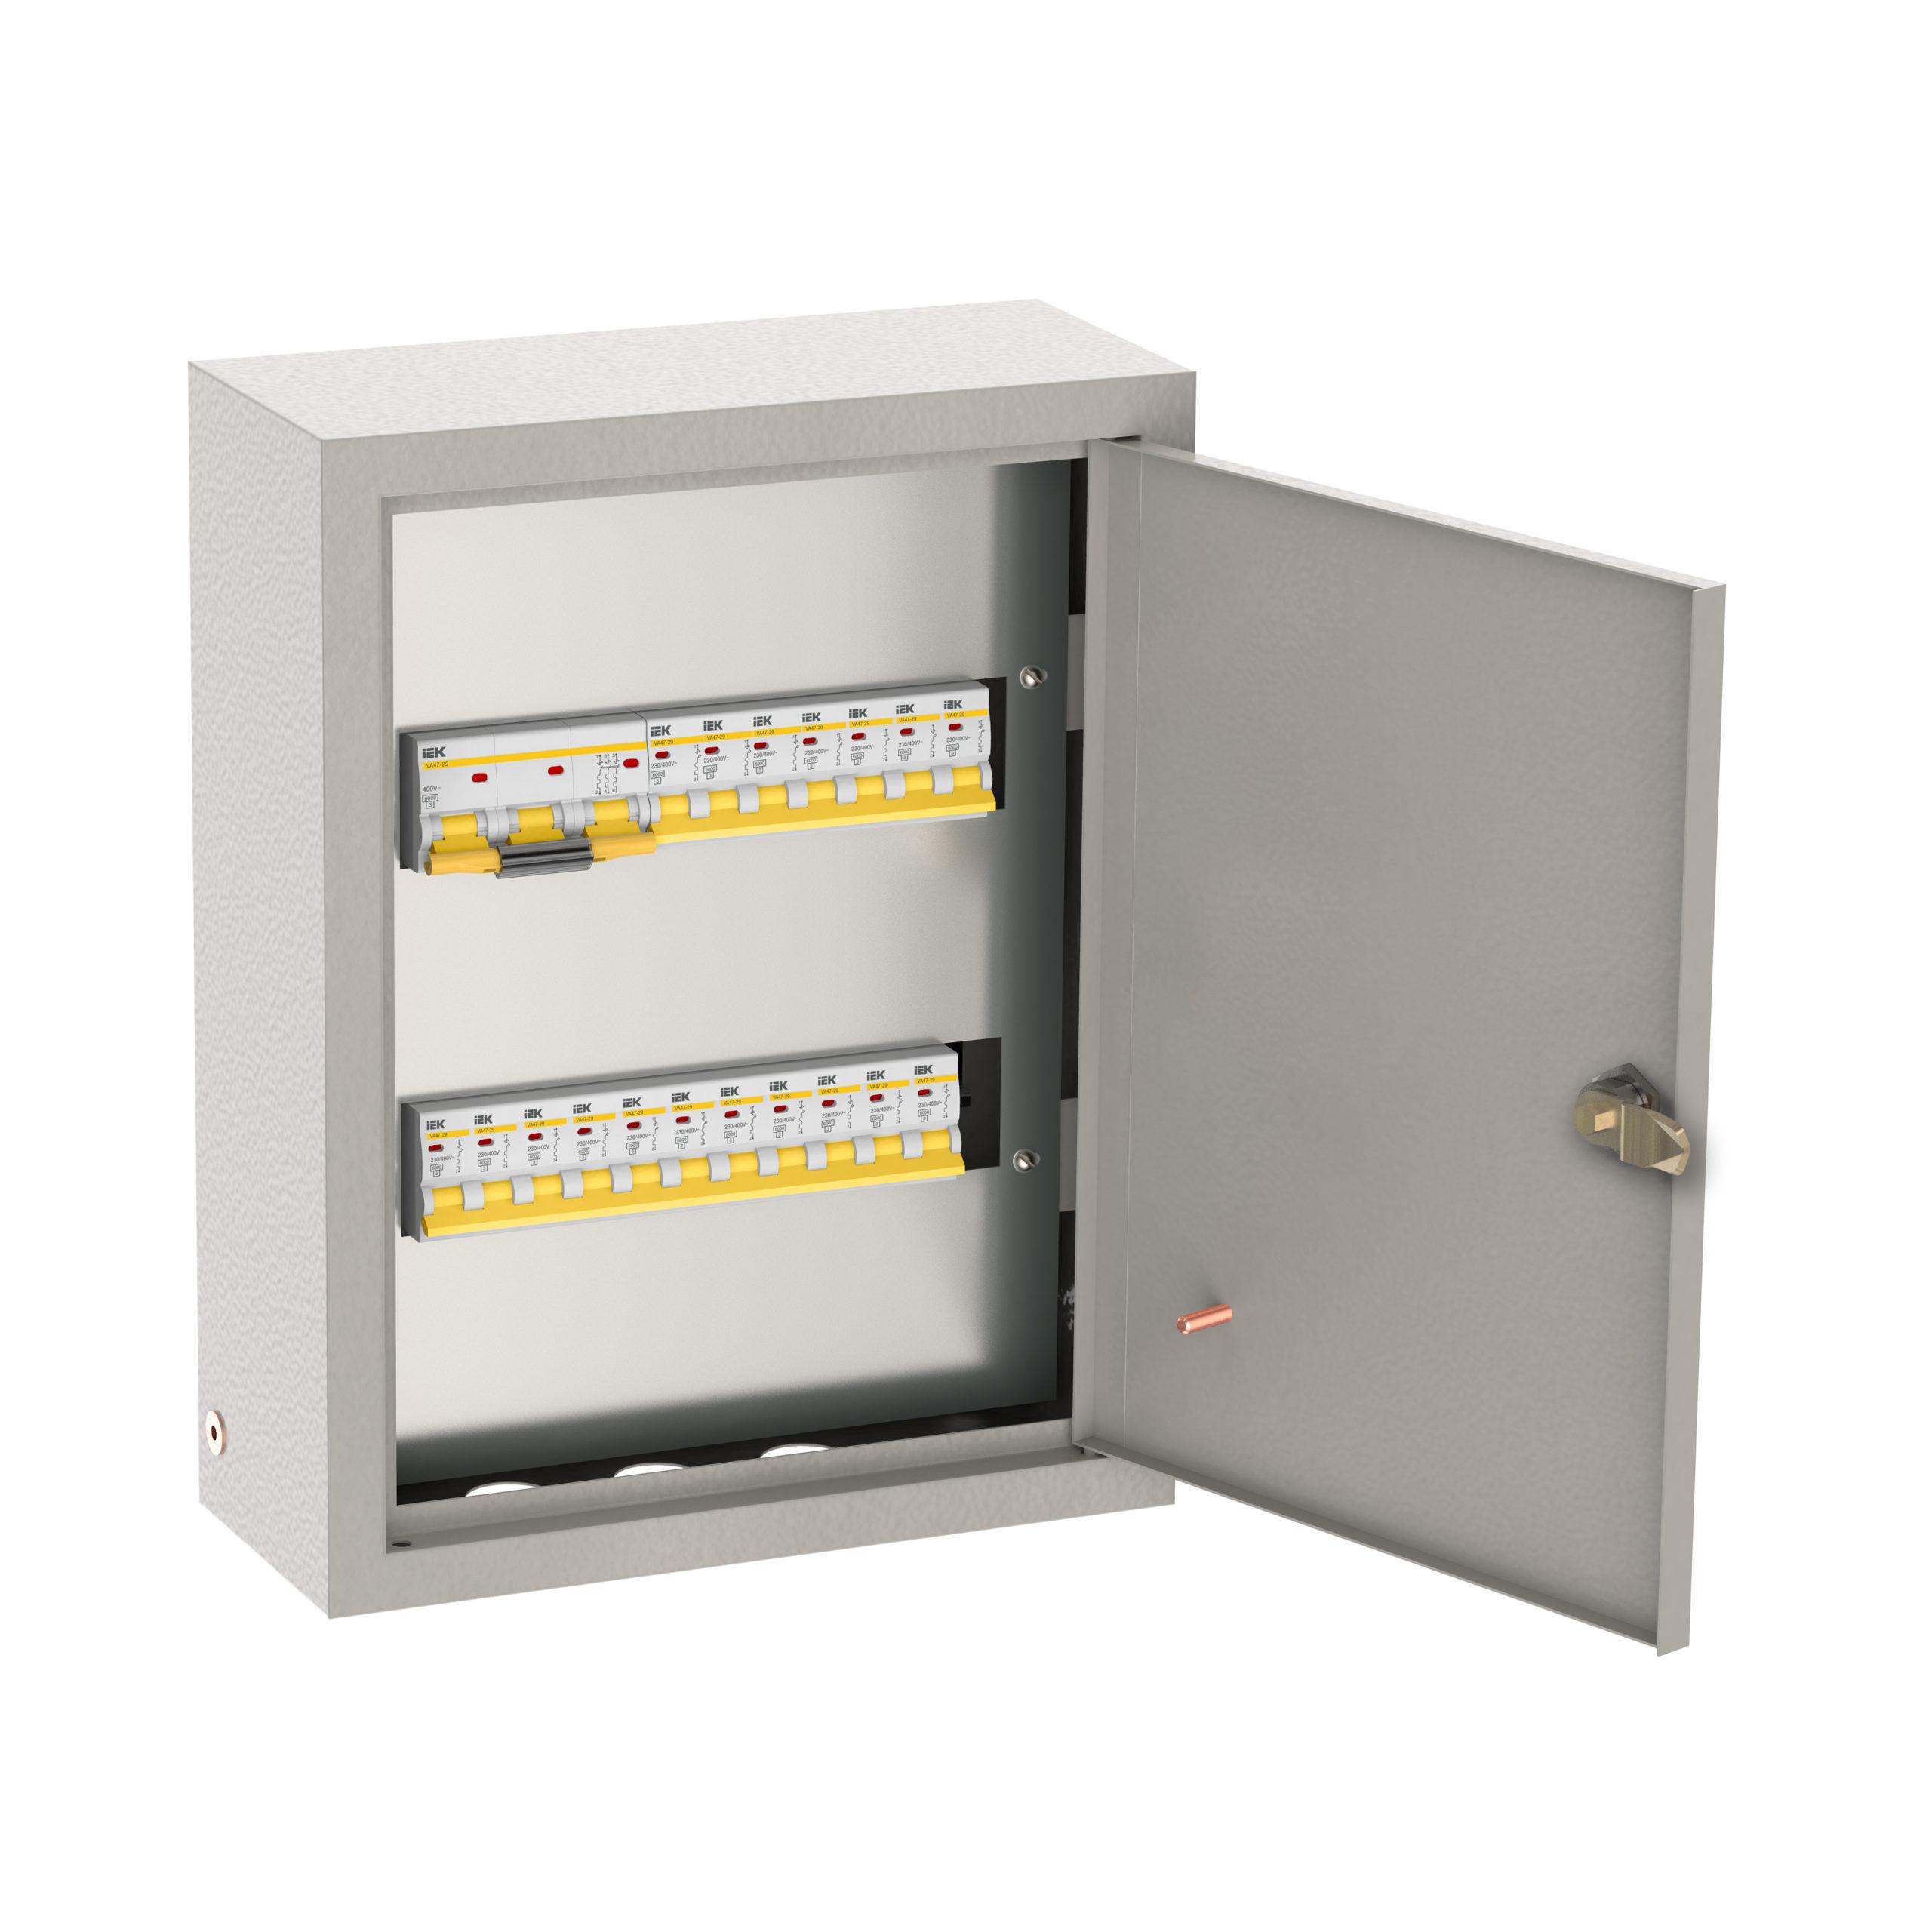 Щиток осветительный ОЩВ навесной с автоматическими выключателями 3p 1х100А 1p 18х25А IEK